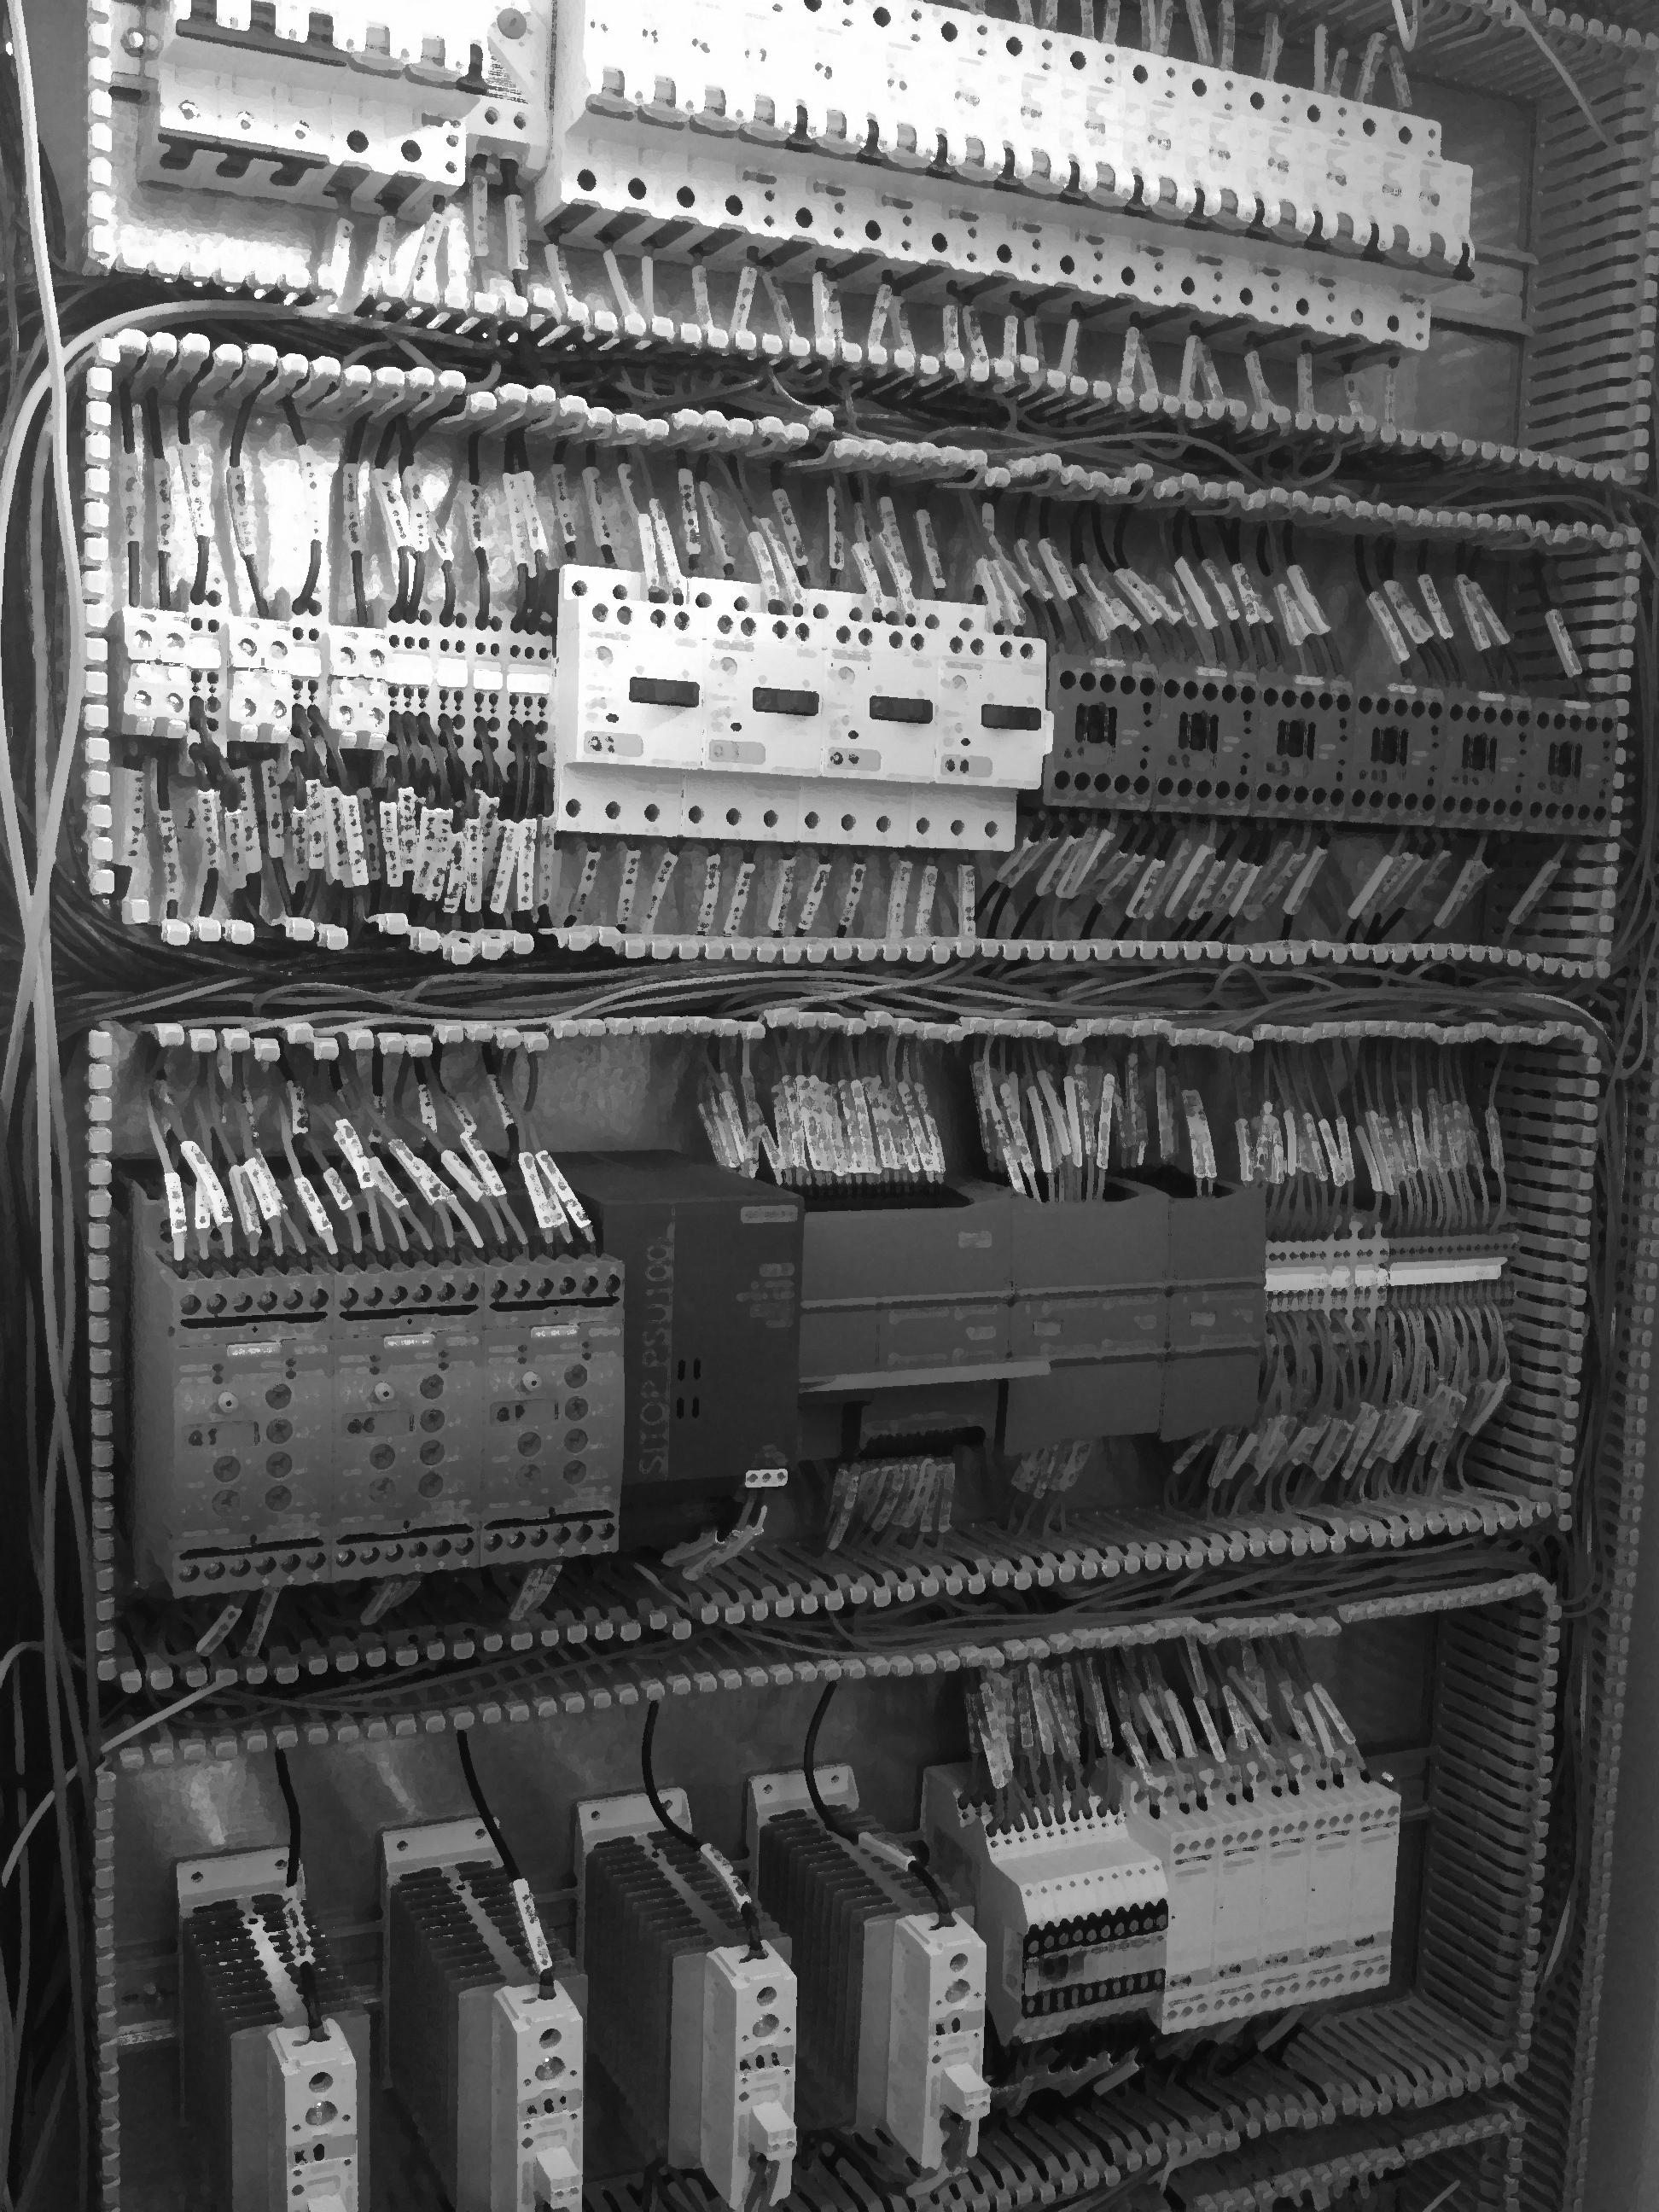 Riadiace systémy, meranie a regulácia